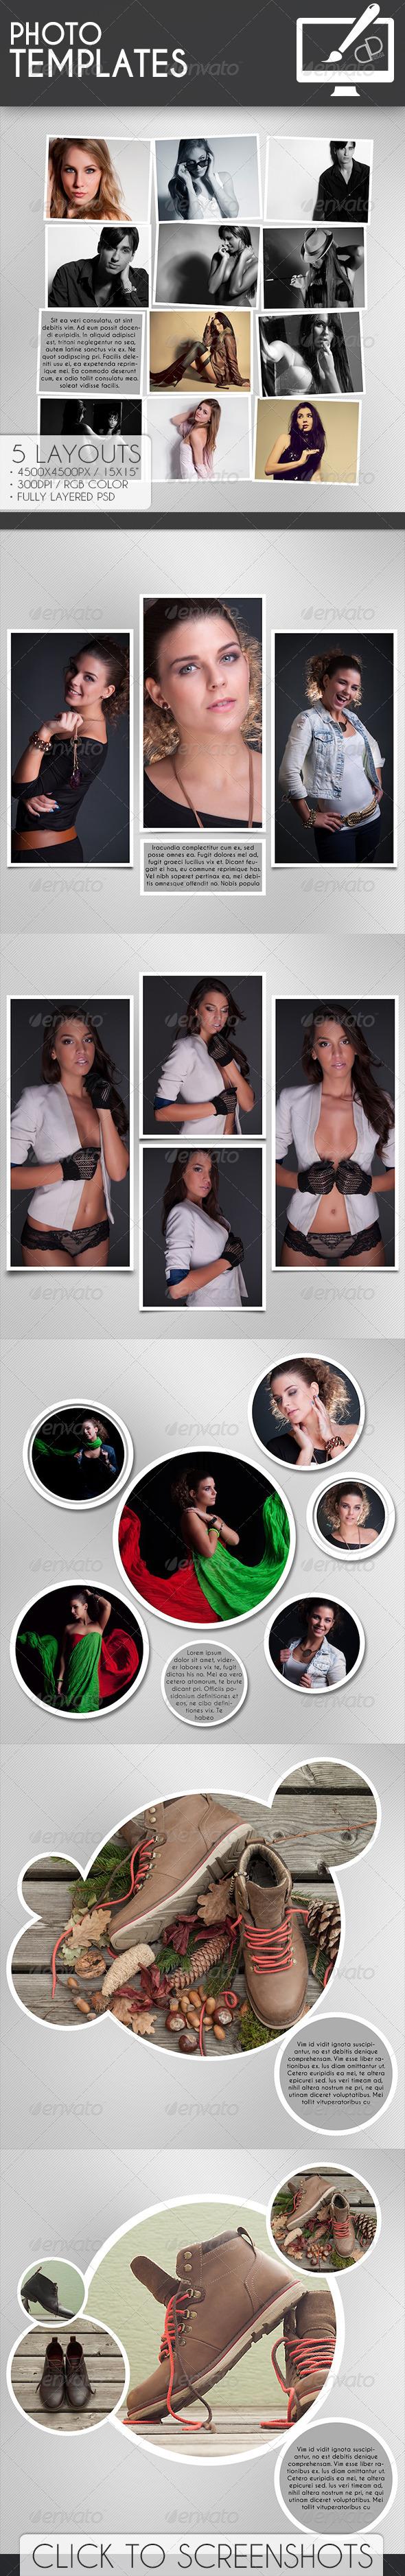 GraphicRiver Photo Templates 7145662